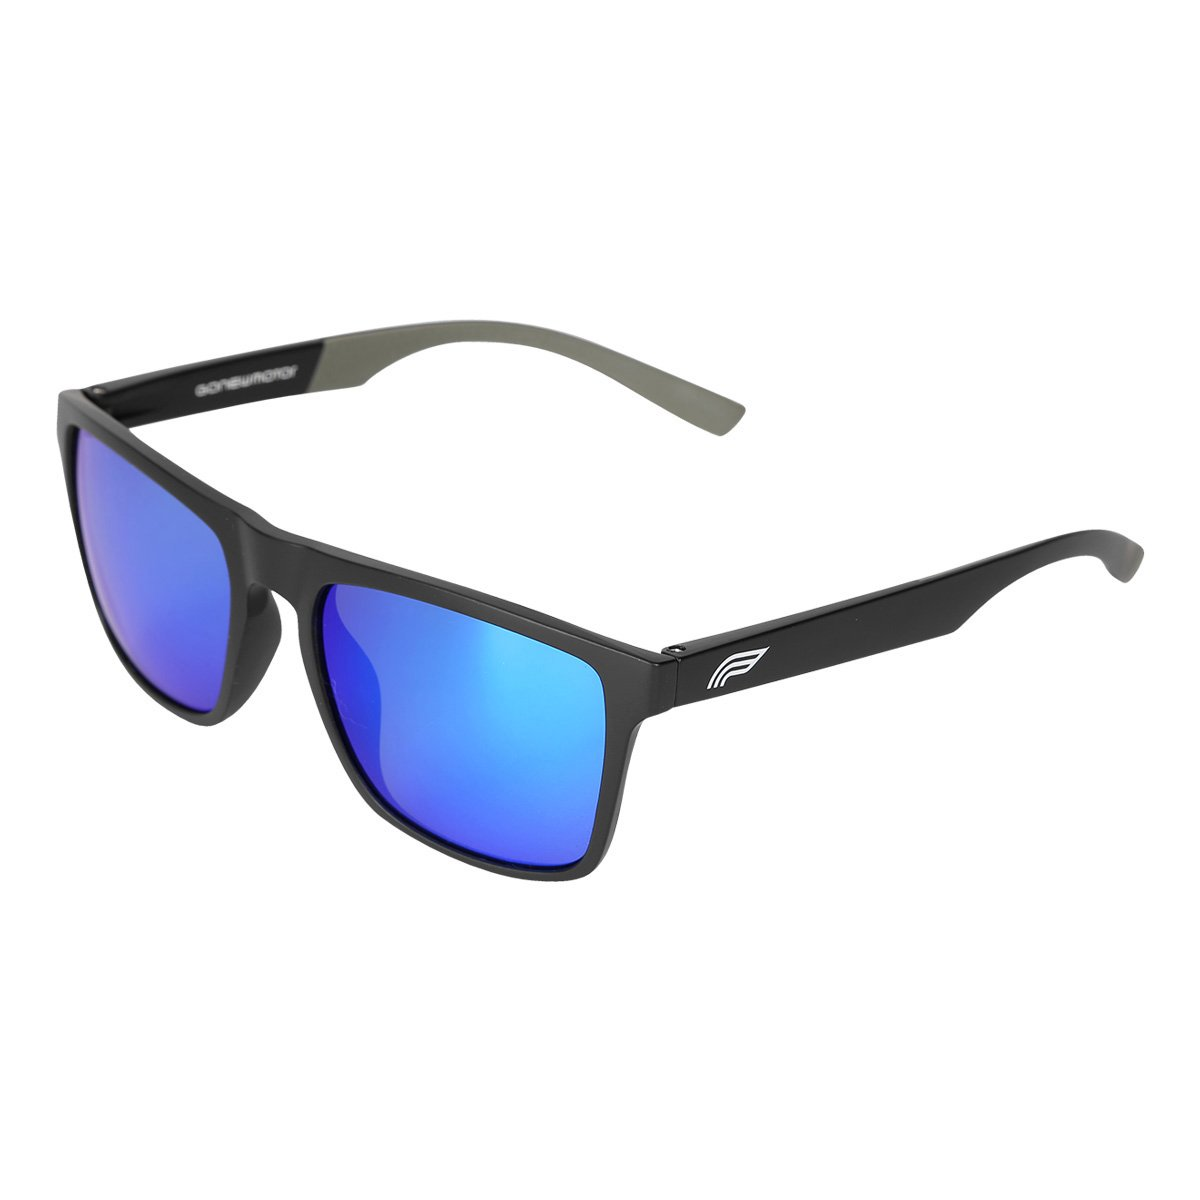 b6bfee920999f Óculos Gonew Motor Skull - Compre Agora